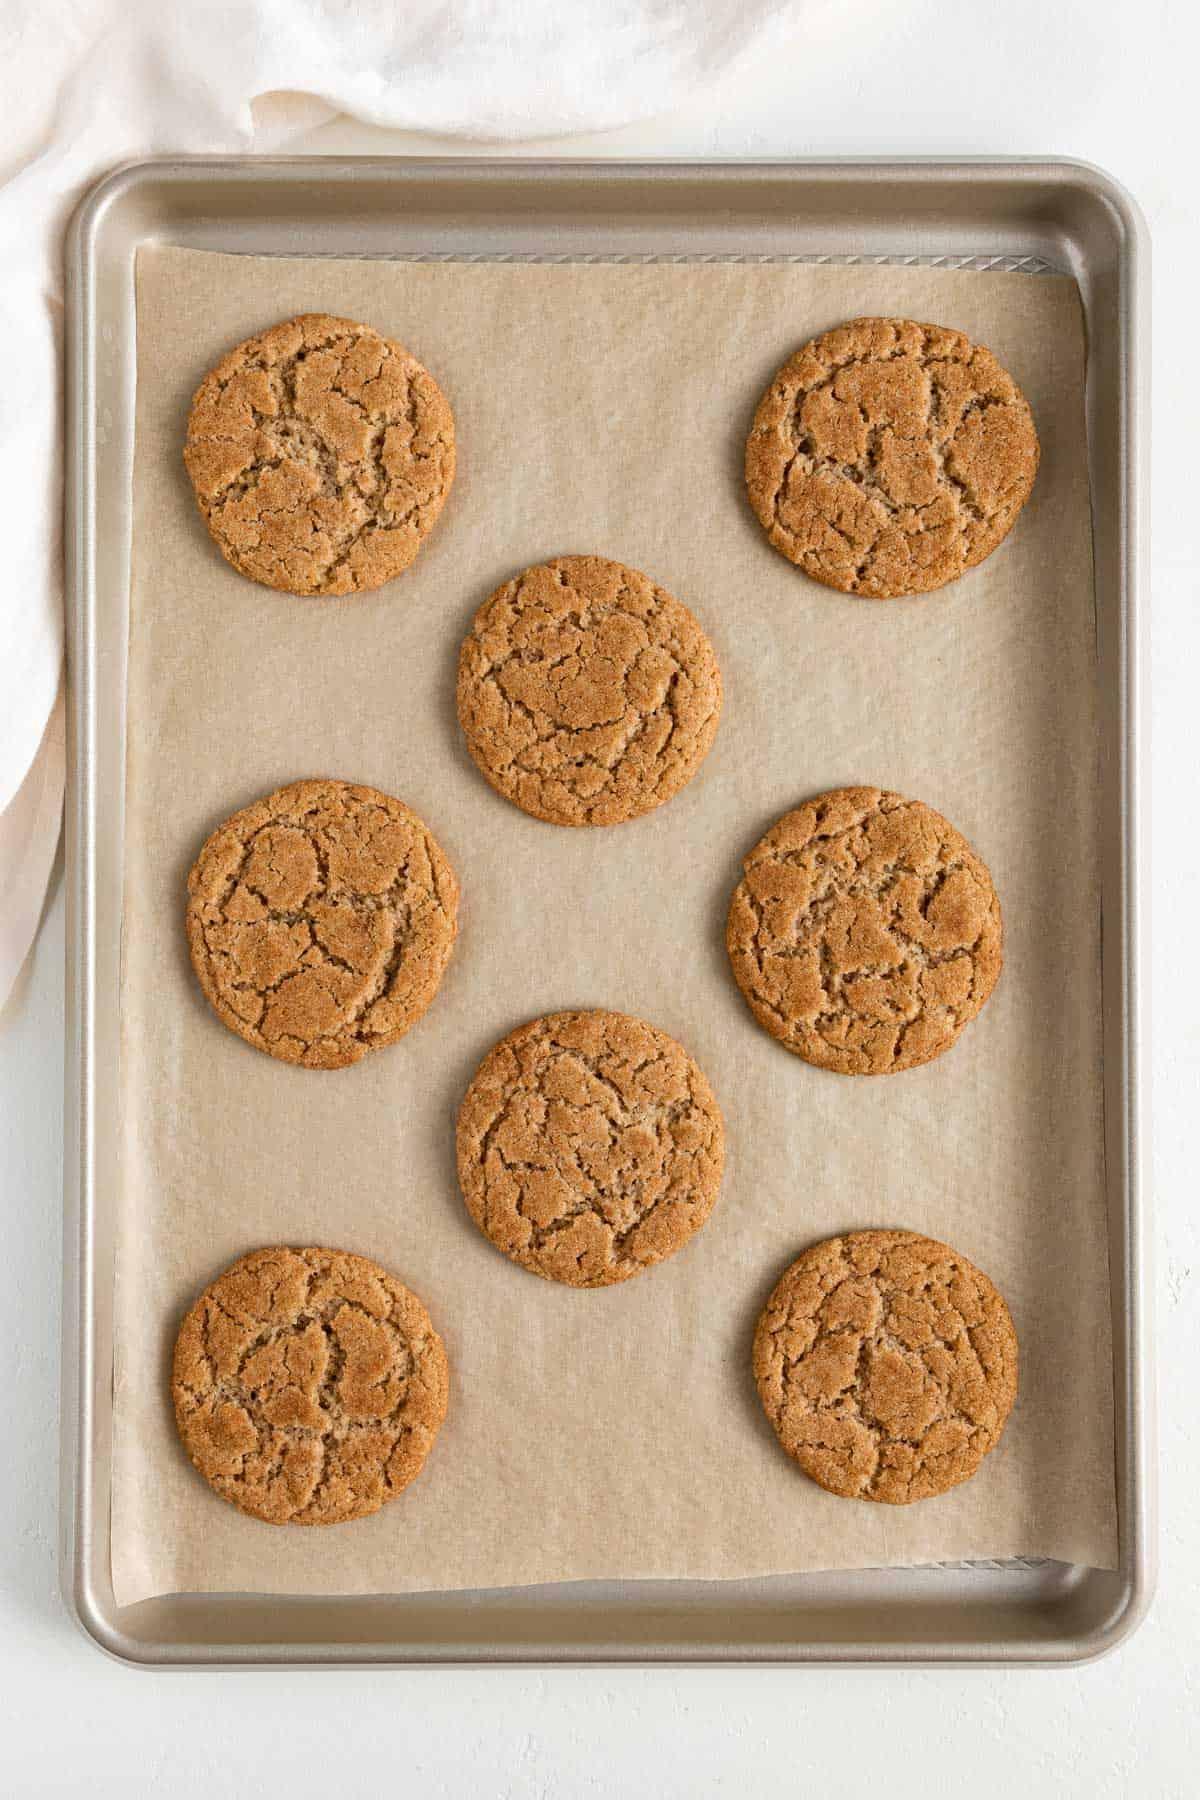 eight freshly baked vegan cinnamon sugar cookies on a baking sheet